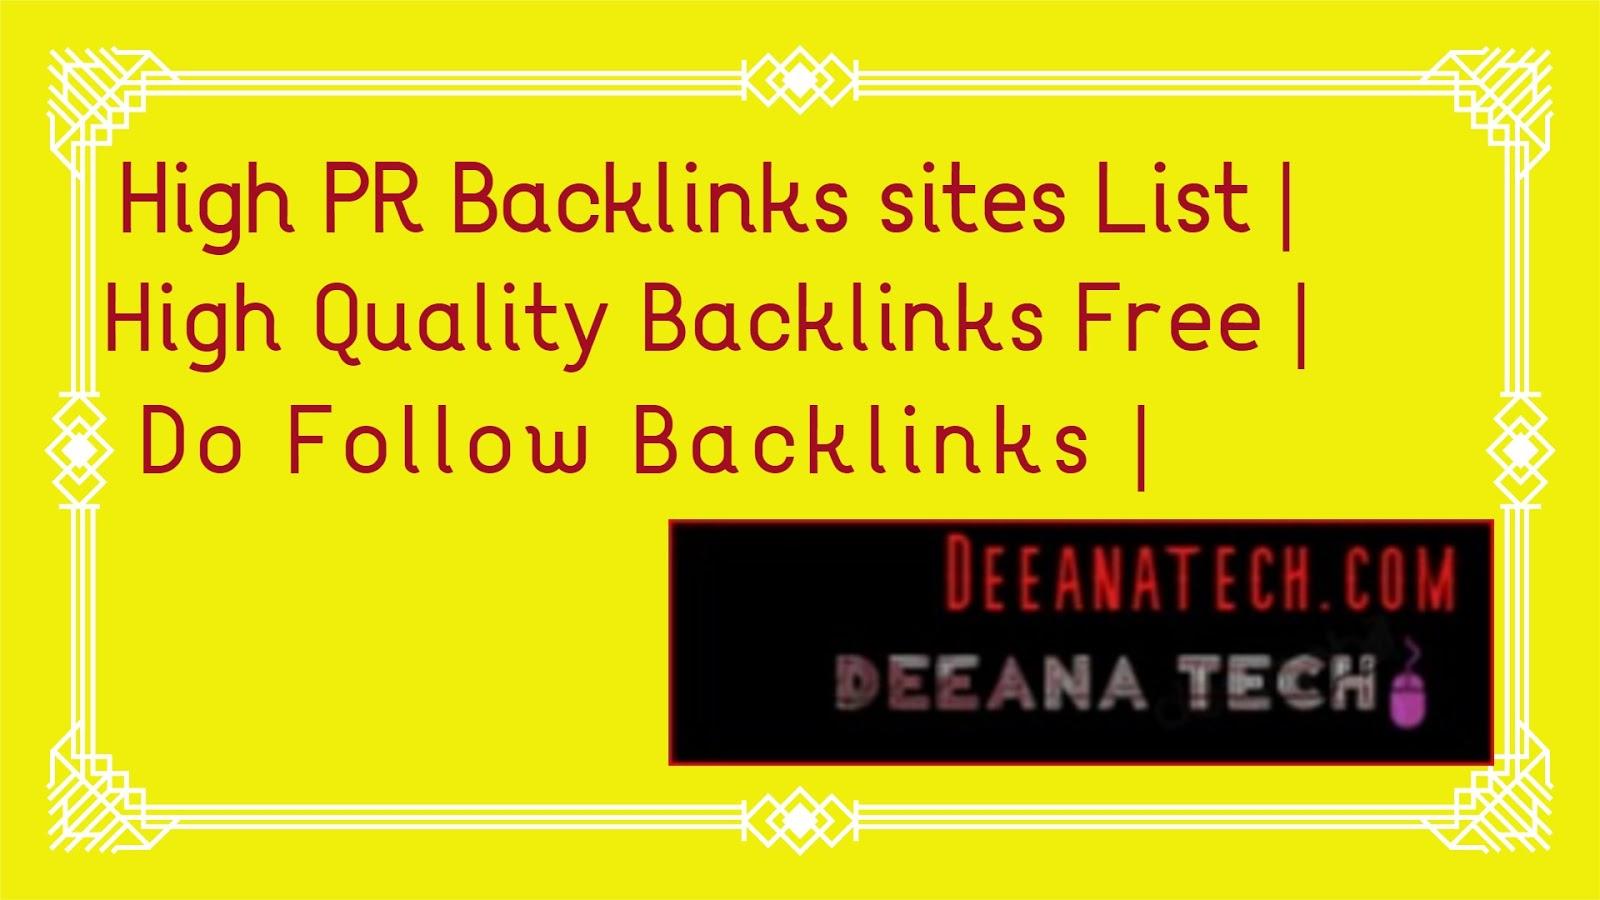 High PR Backlinks sites List   High Quality Backlinks Free   Do Follow Backlinks   deeanatech.com  